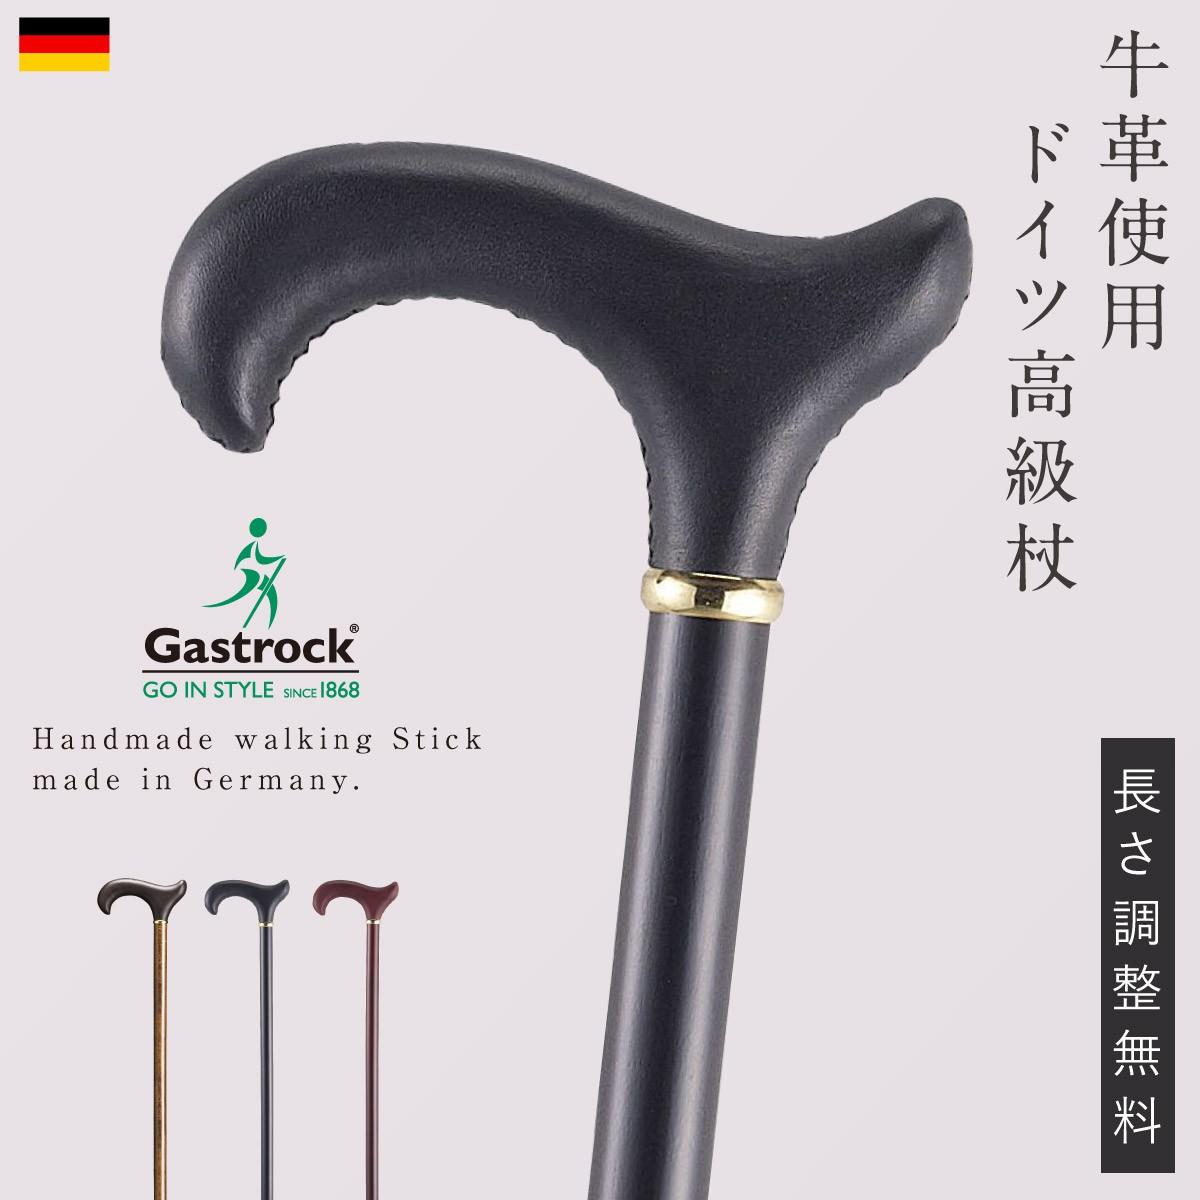 一本杖 木製杖 ステッキ ドイツ製 1本杖 ガストロック社 GA-33 ギフト プレゼント 贈り物